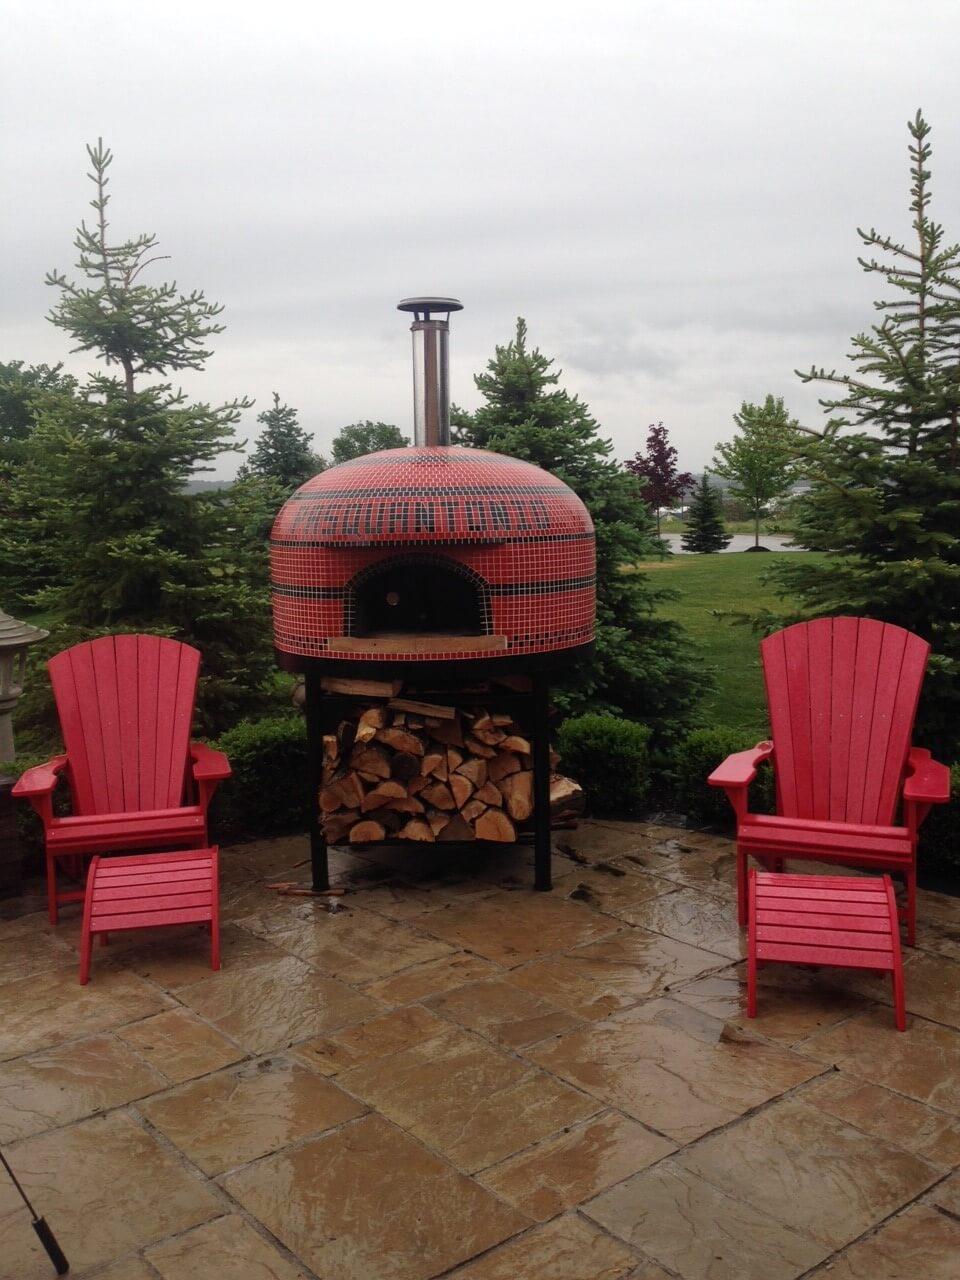 custom home pizza oven, wood fired pizza oven, vesuvio80 pizza oven, forno bravo